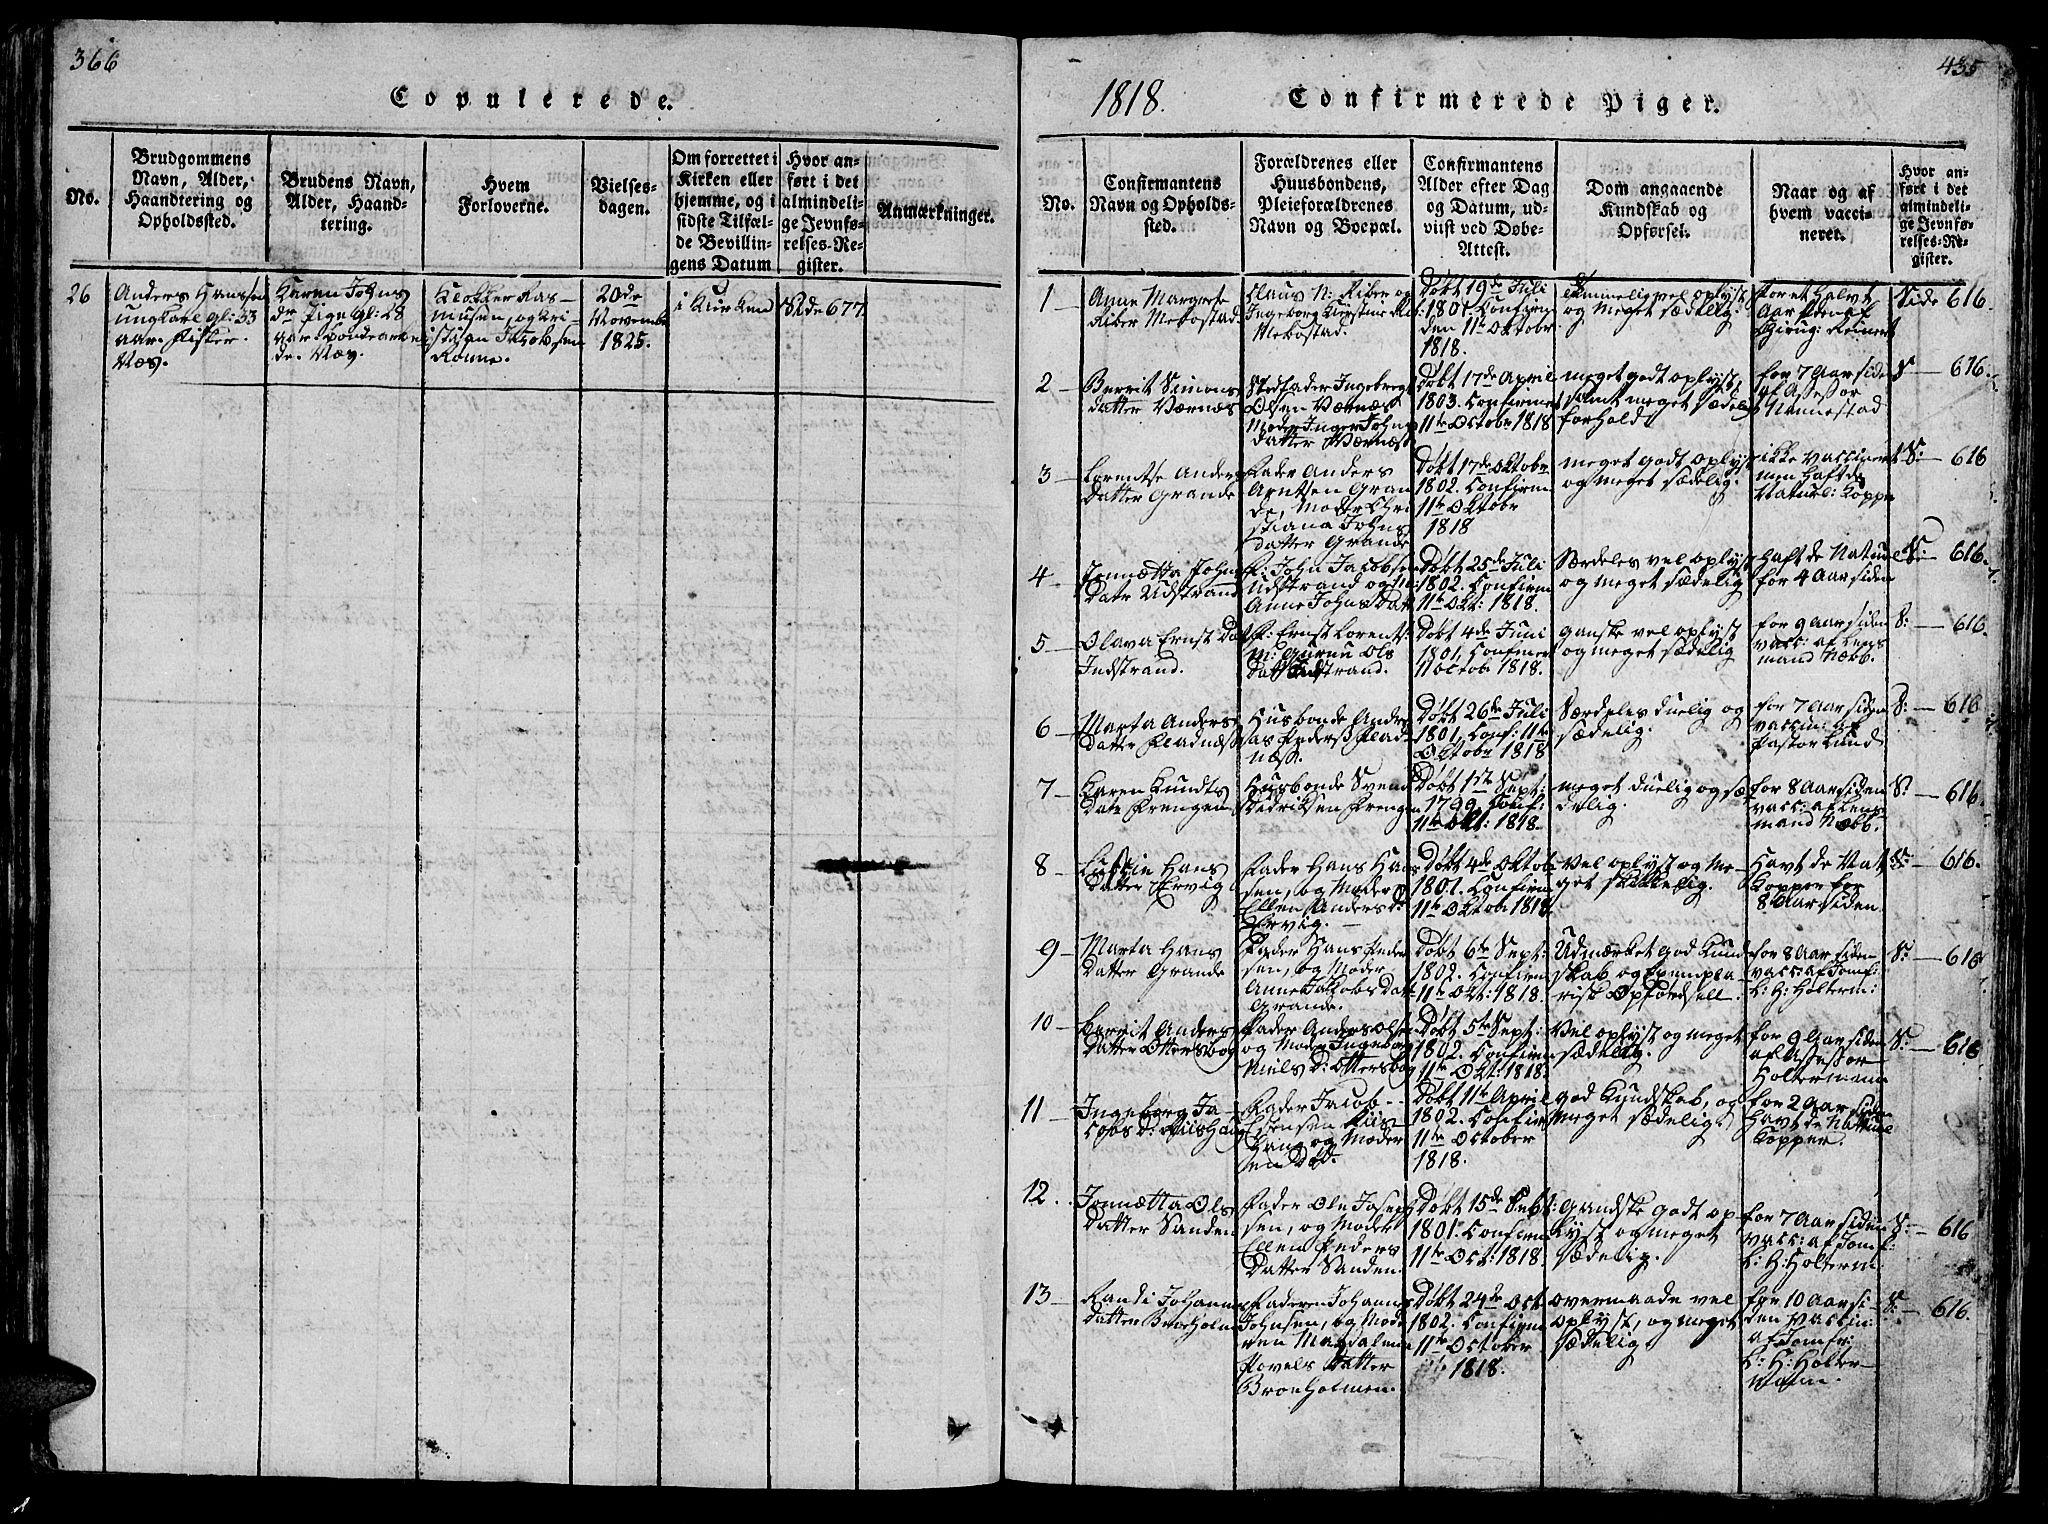 SAT, Ministerialprotokoller, klokkerbøker og fødselsregistre - Sør-Trøndelag, 659/L0744: Klokkerbok nr. 659C01, 1818-1825, s. 366